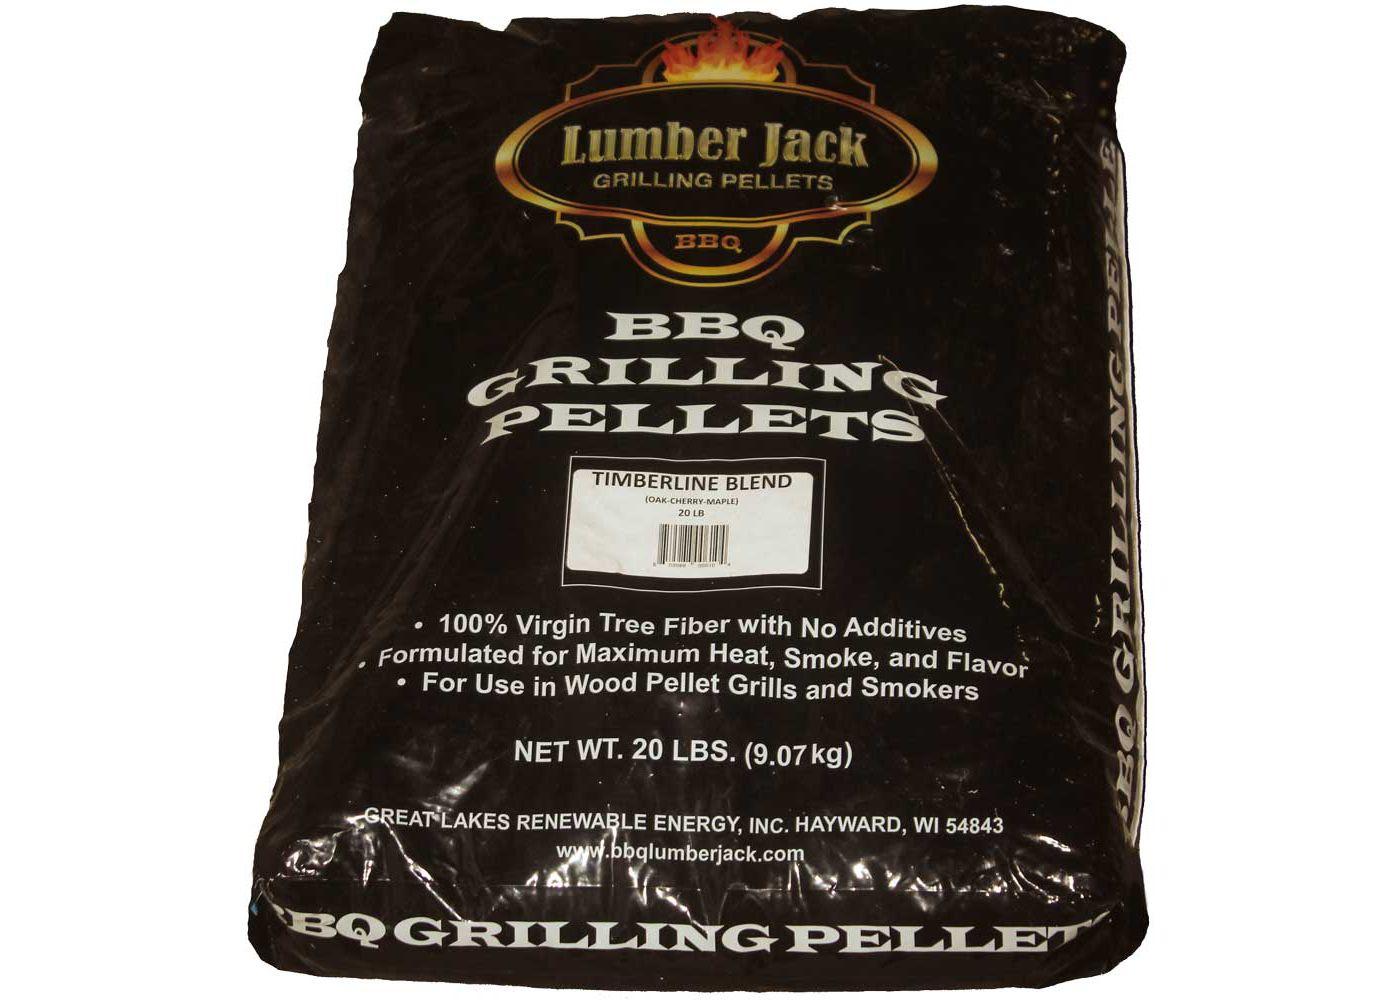 Lumber Jack Timberline Blend Pellets